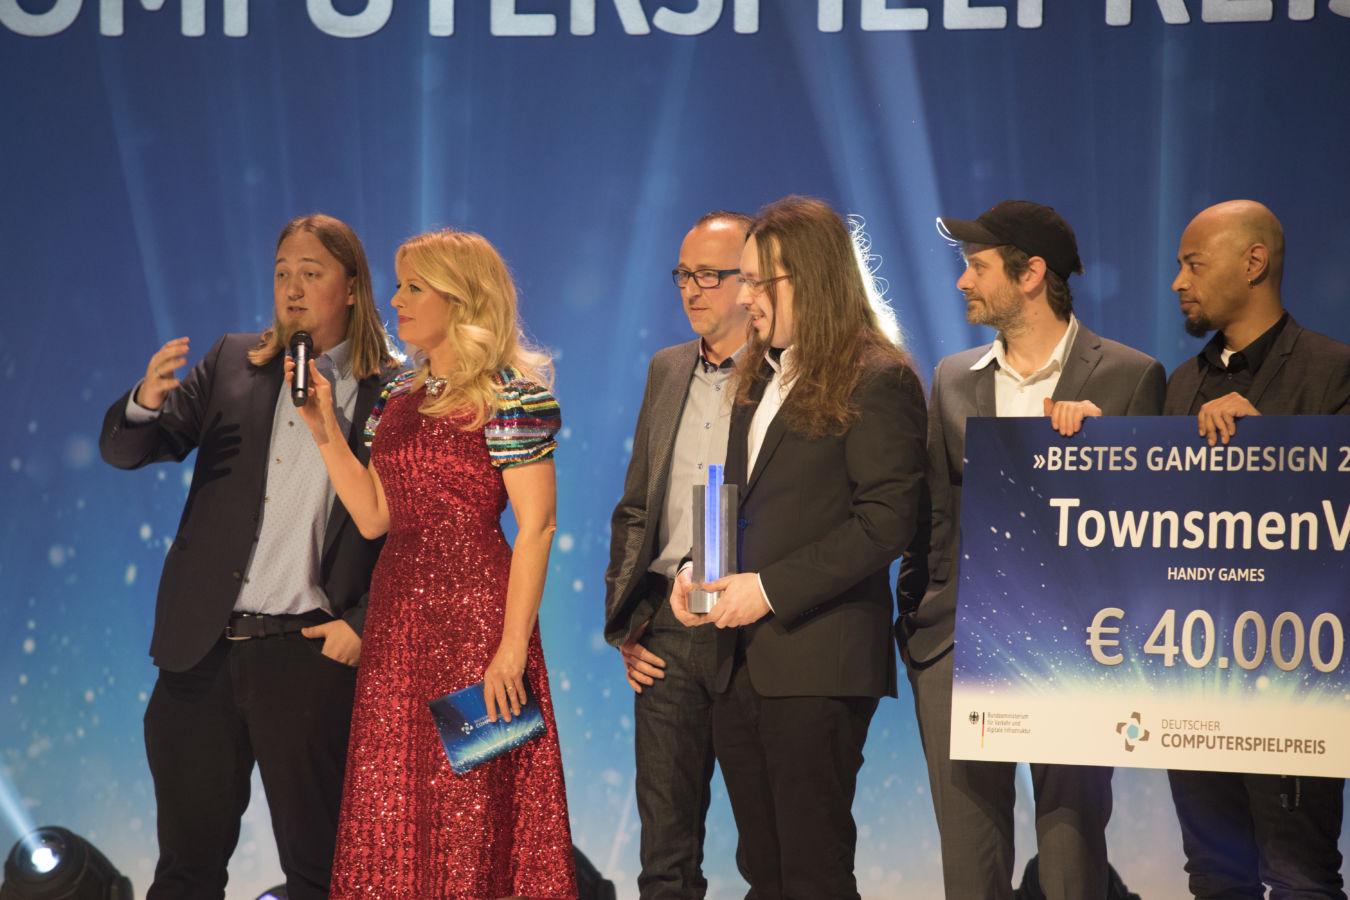 Townsmen VR erhielt den Preis für das beste Gamedesign.